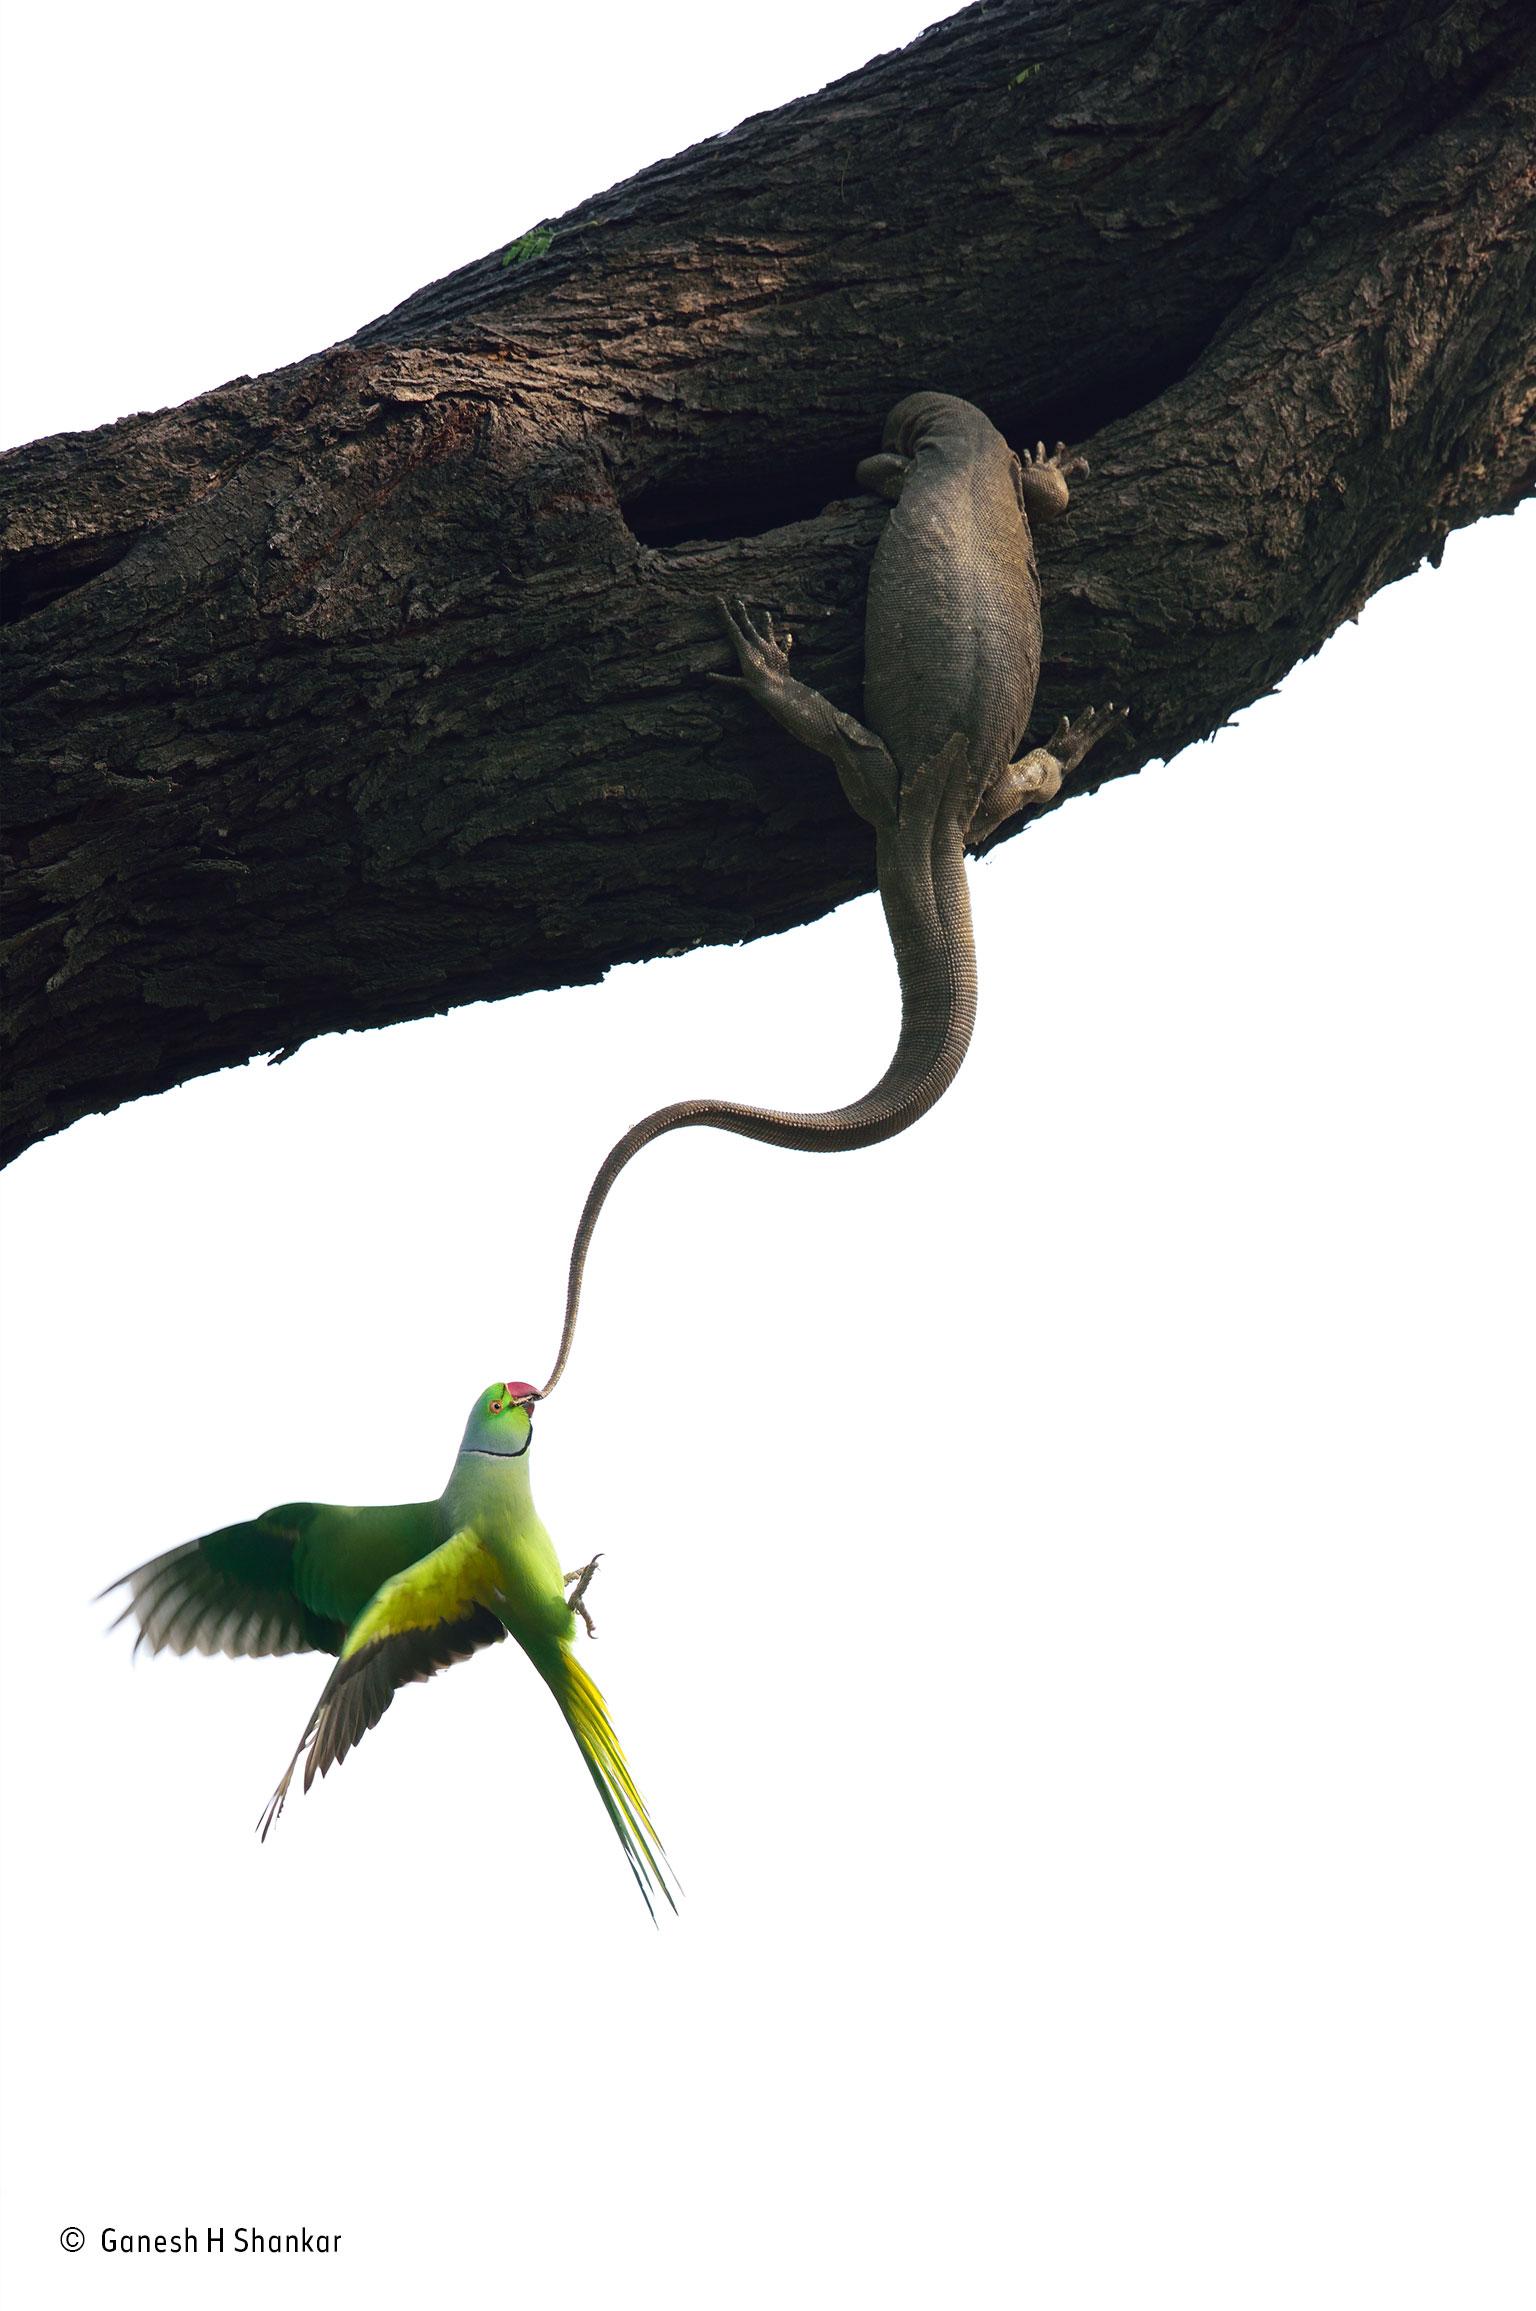 Periquito tenta desalojar um lagarto do seu ninho habitual no Parque Nacional de Keoladeo, Rajastão, Índia (Vencedor Aves)